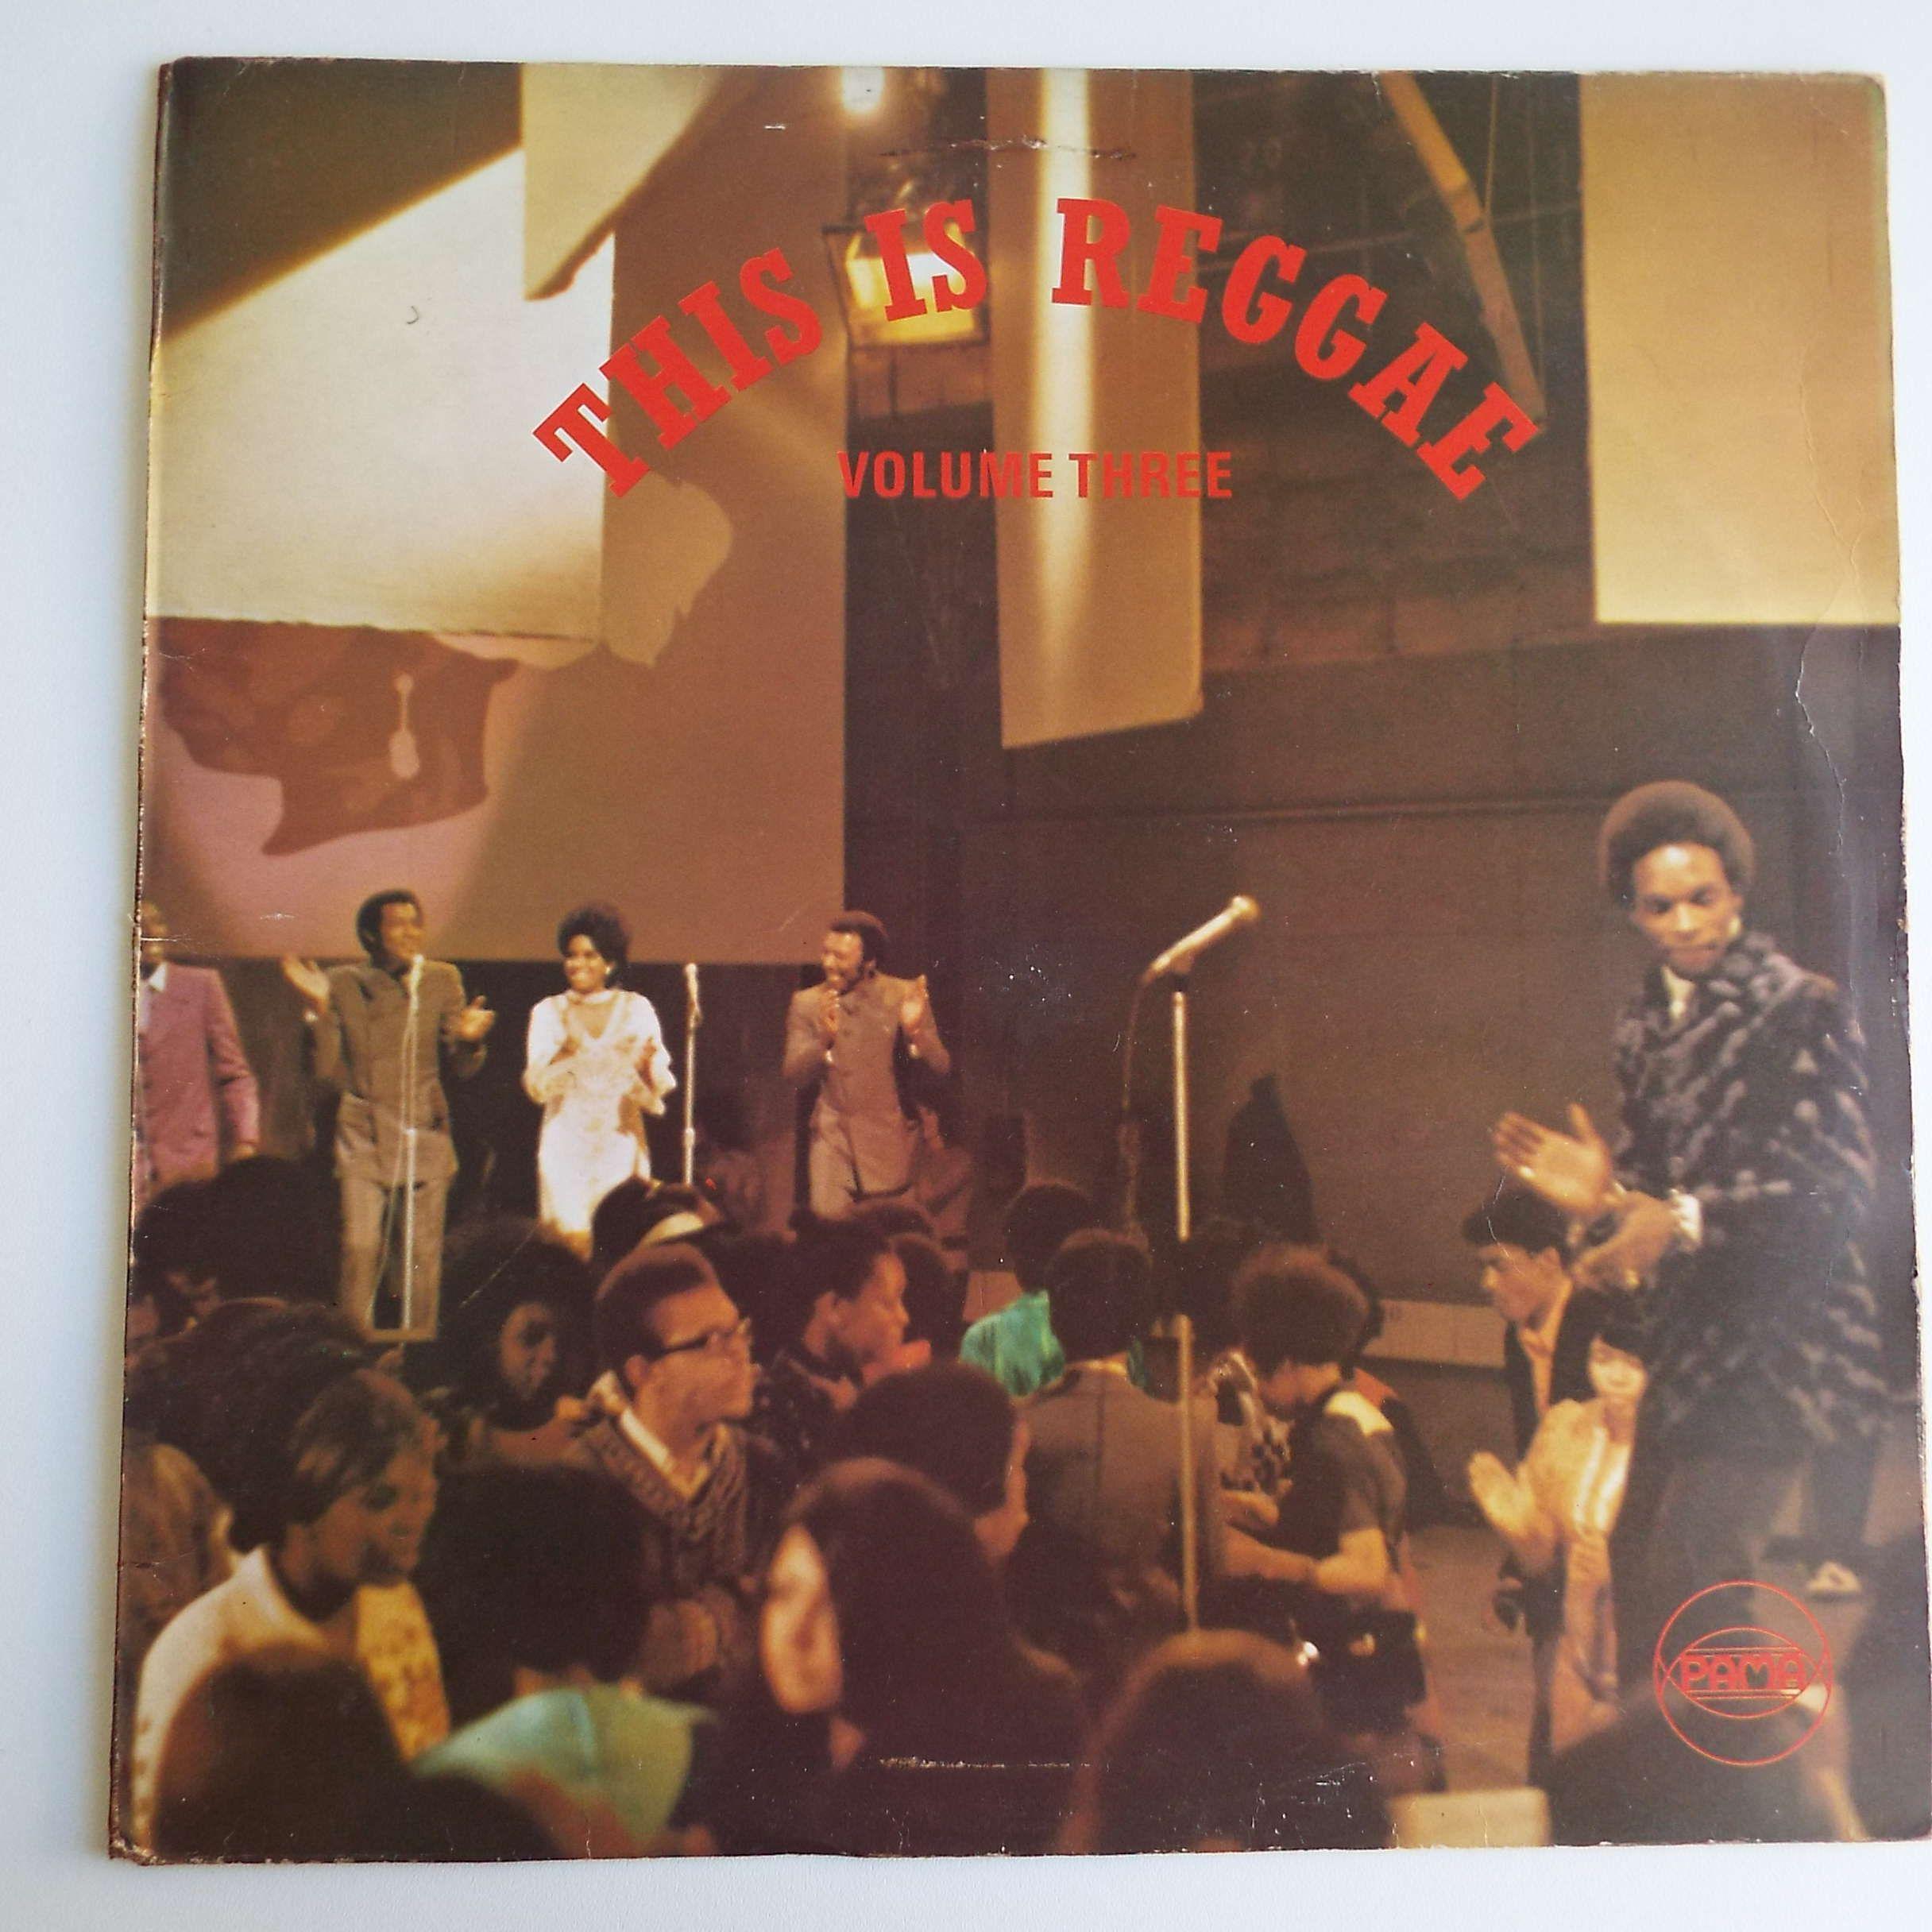 Rare Vintage 1970 This Is Reggae Vol 3 Lp Vinyl Record Orange Pama Label Reggae Ska Uk Pressing Vinyl Records Reggae Lp Vinyl